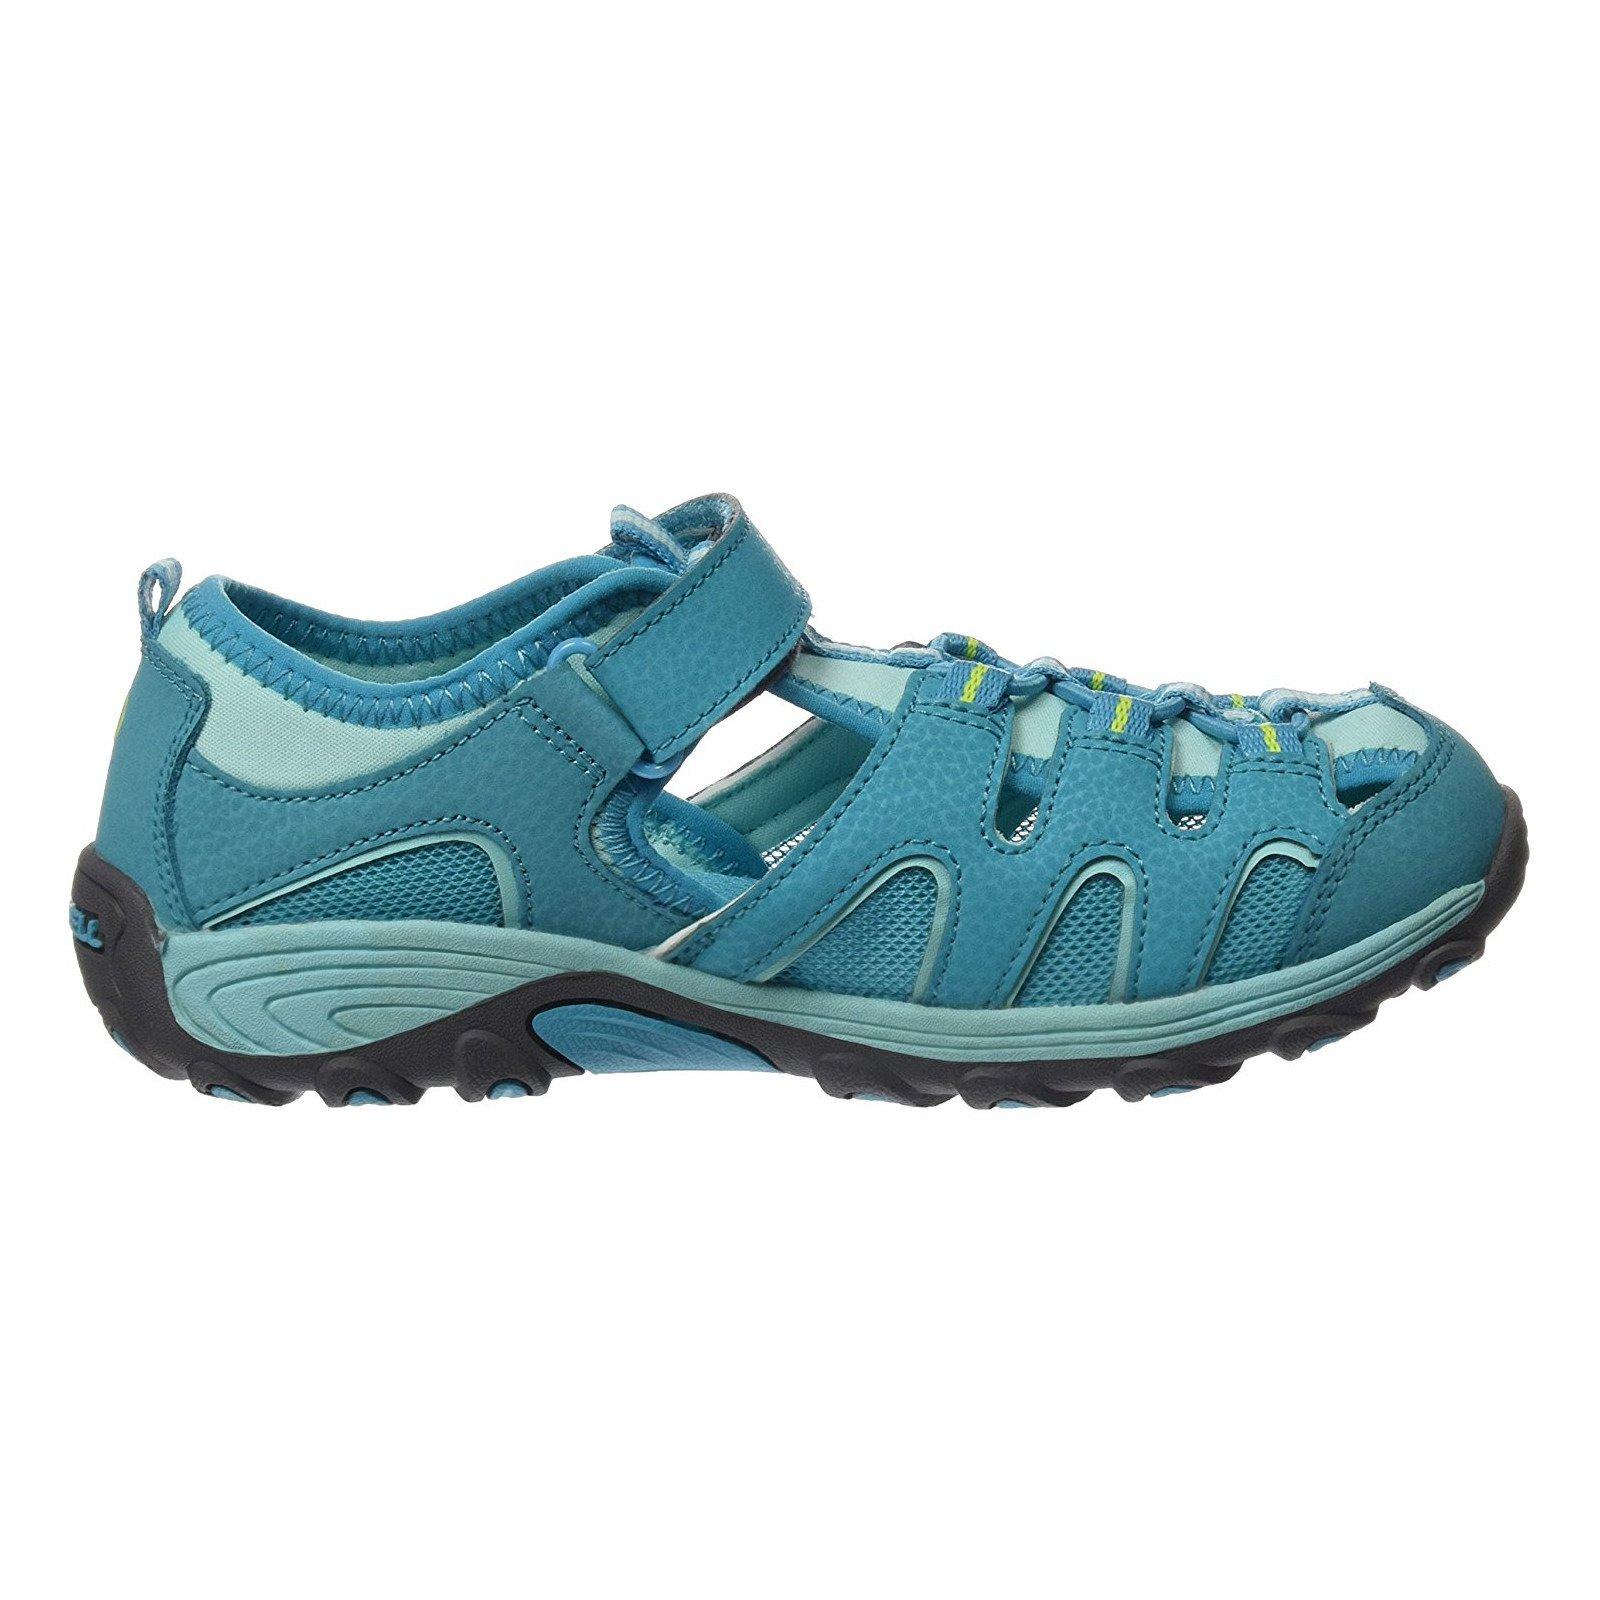 f2dcf4896cde1 Sandały dziecięce HYDRO H20 GIRLS | dla dzieci \ buty buty \ damskie ...